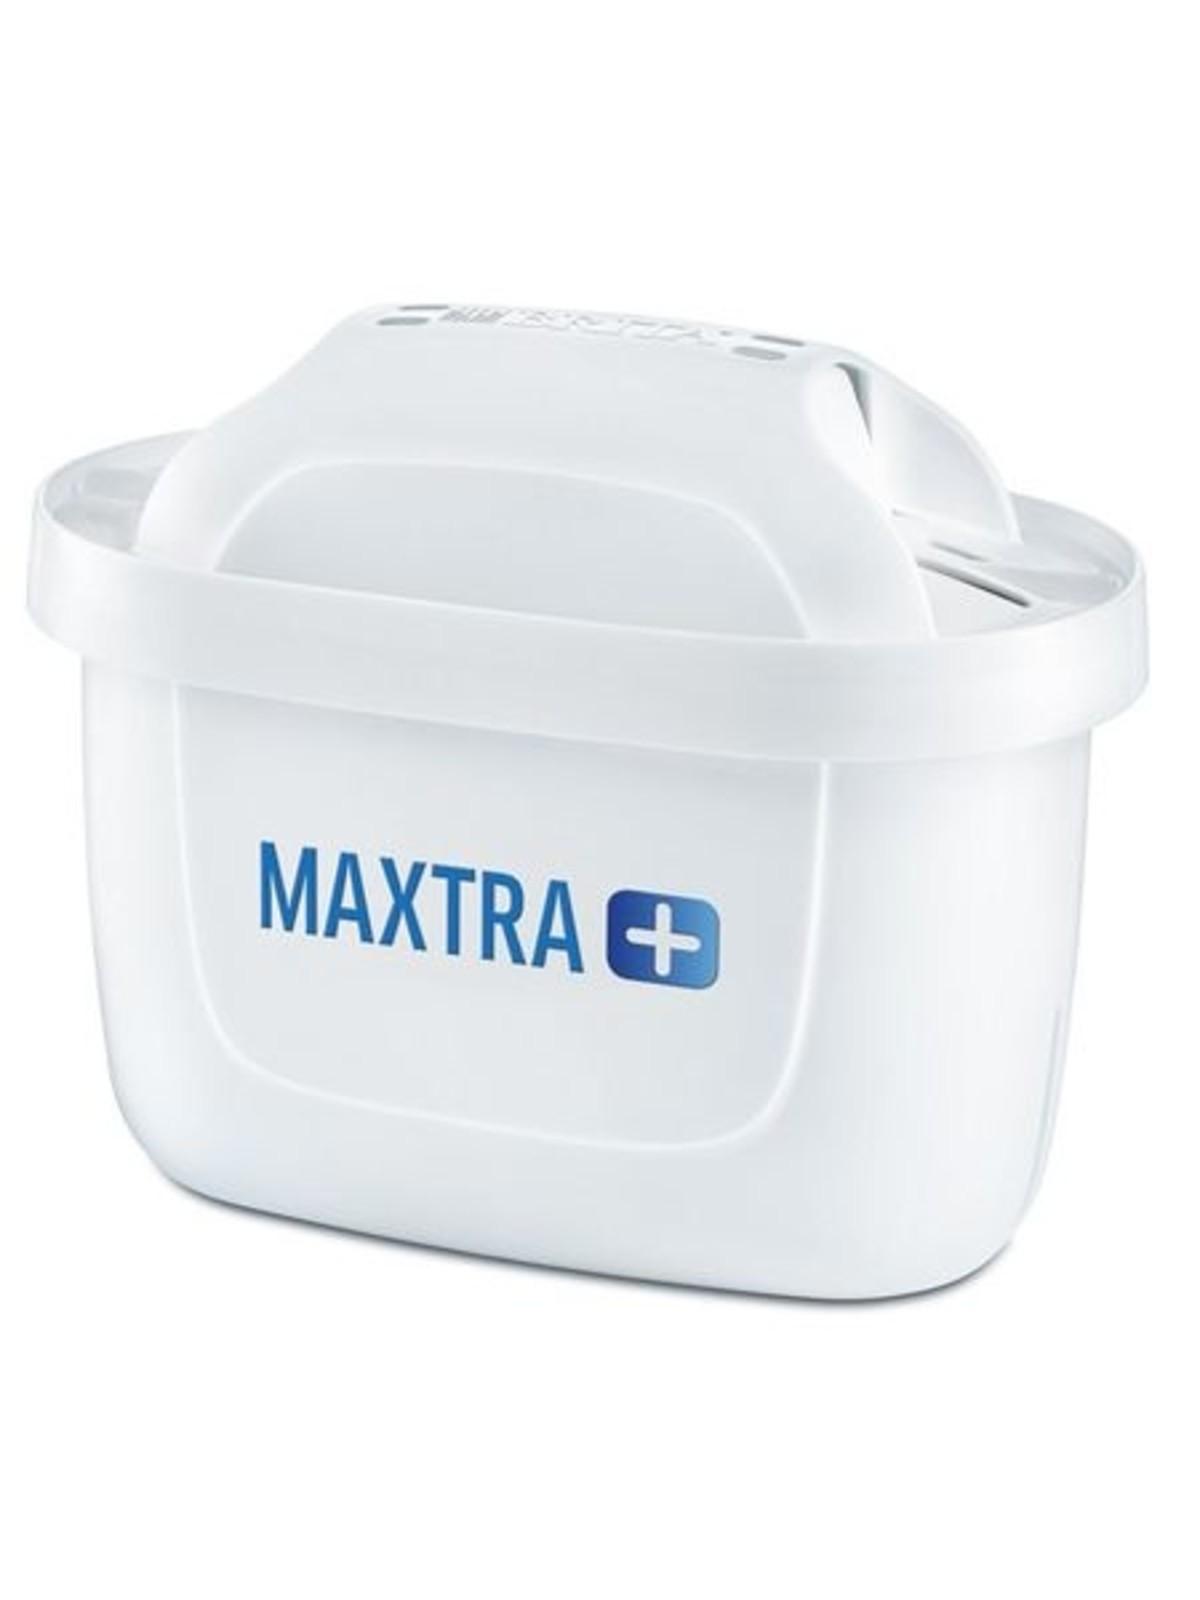 BRITA Maxtra filterpatroon - 6 stuks